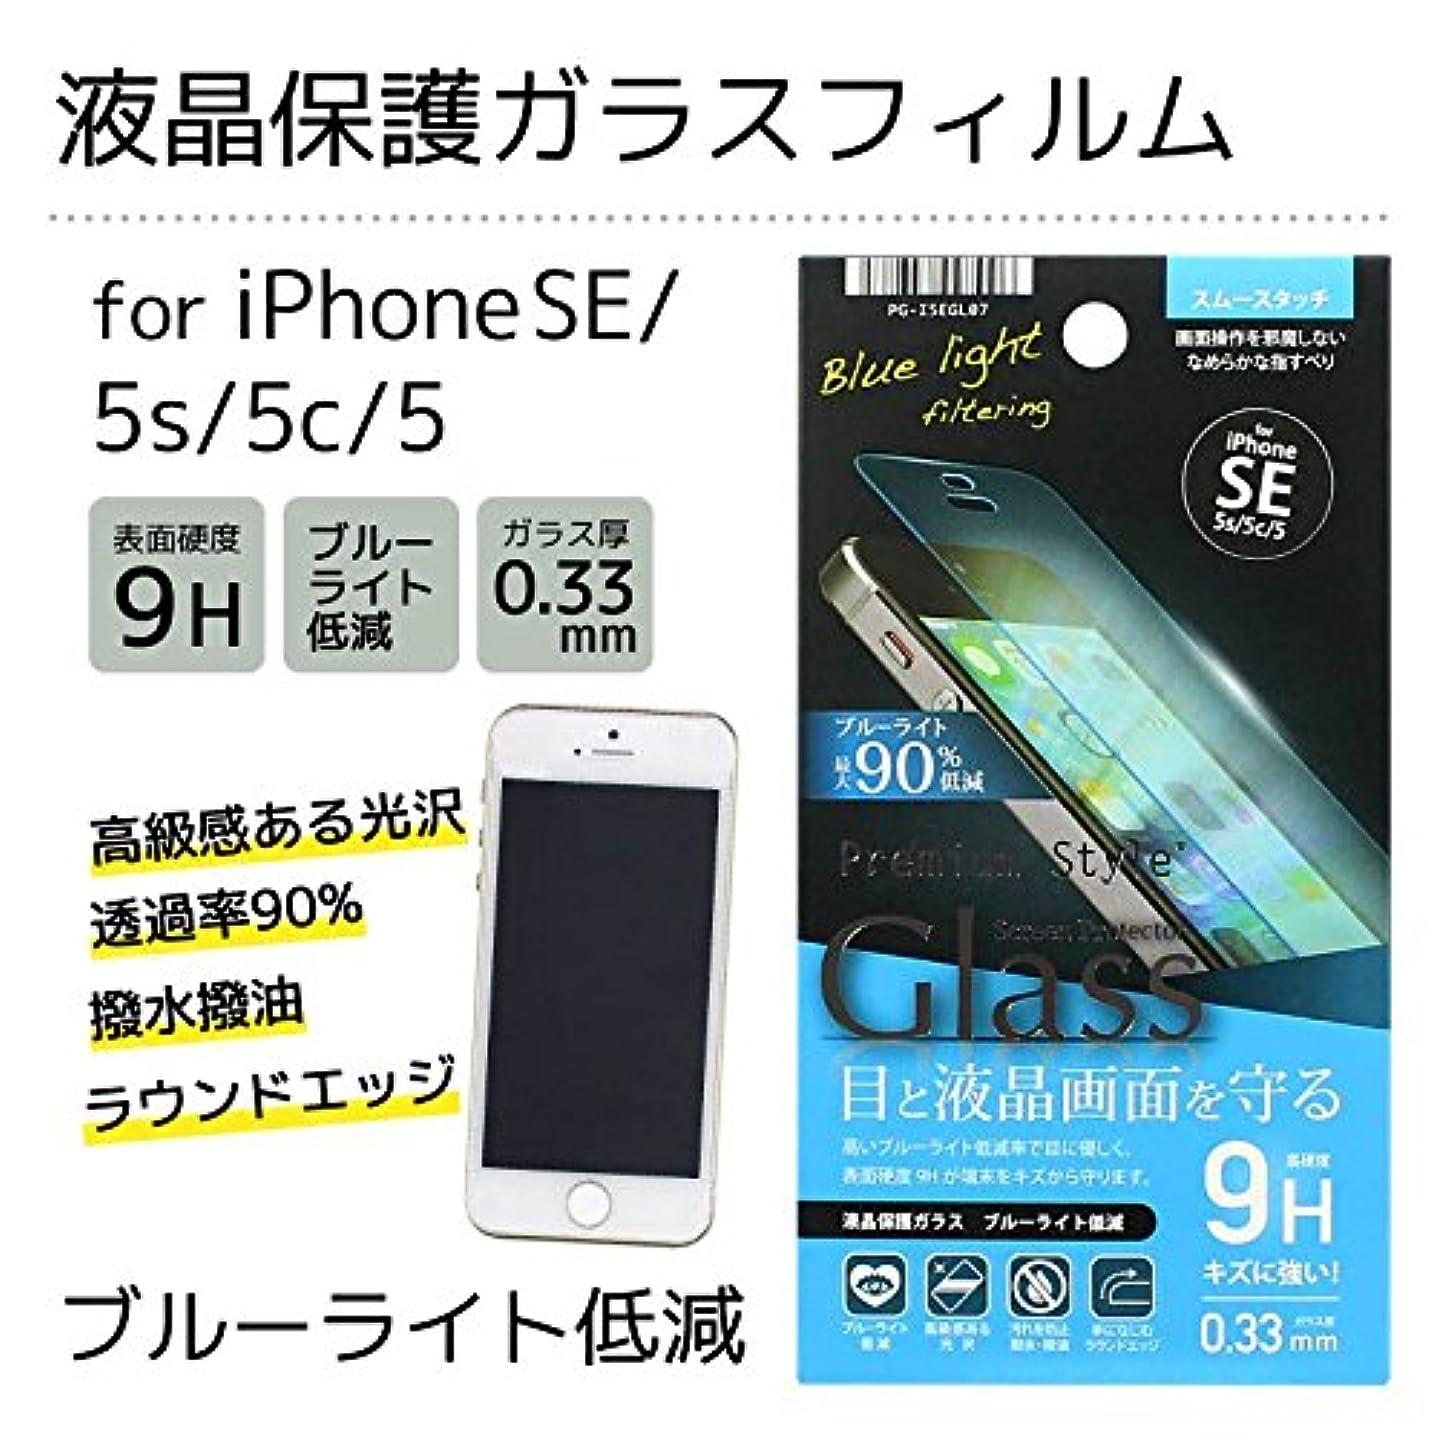 変化するヒョウ不満PGA iPhone SE/5s/5c/5用 液晶保護ガラス ブルーライト低減PGA PG-I5EGL07